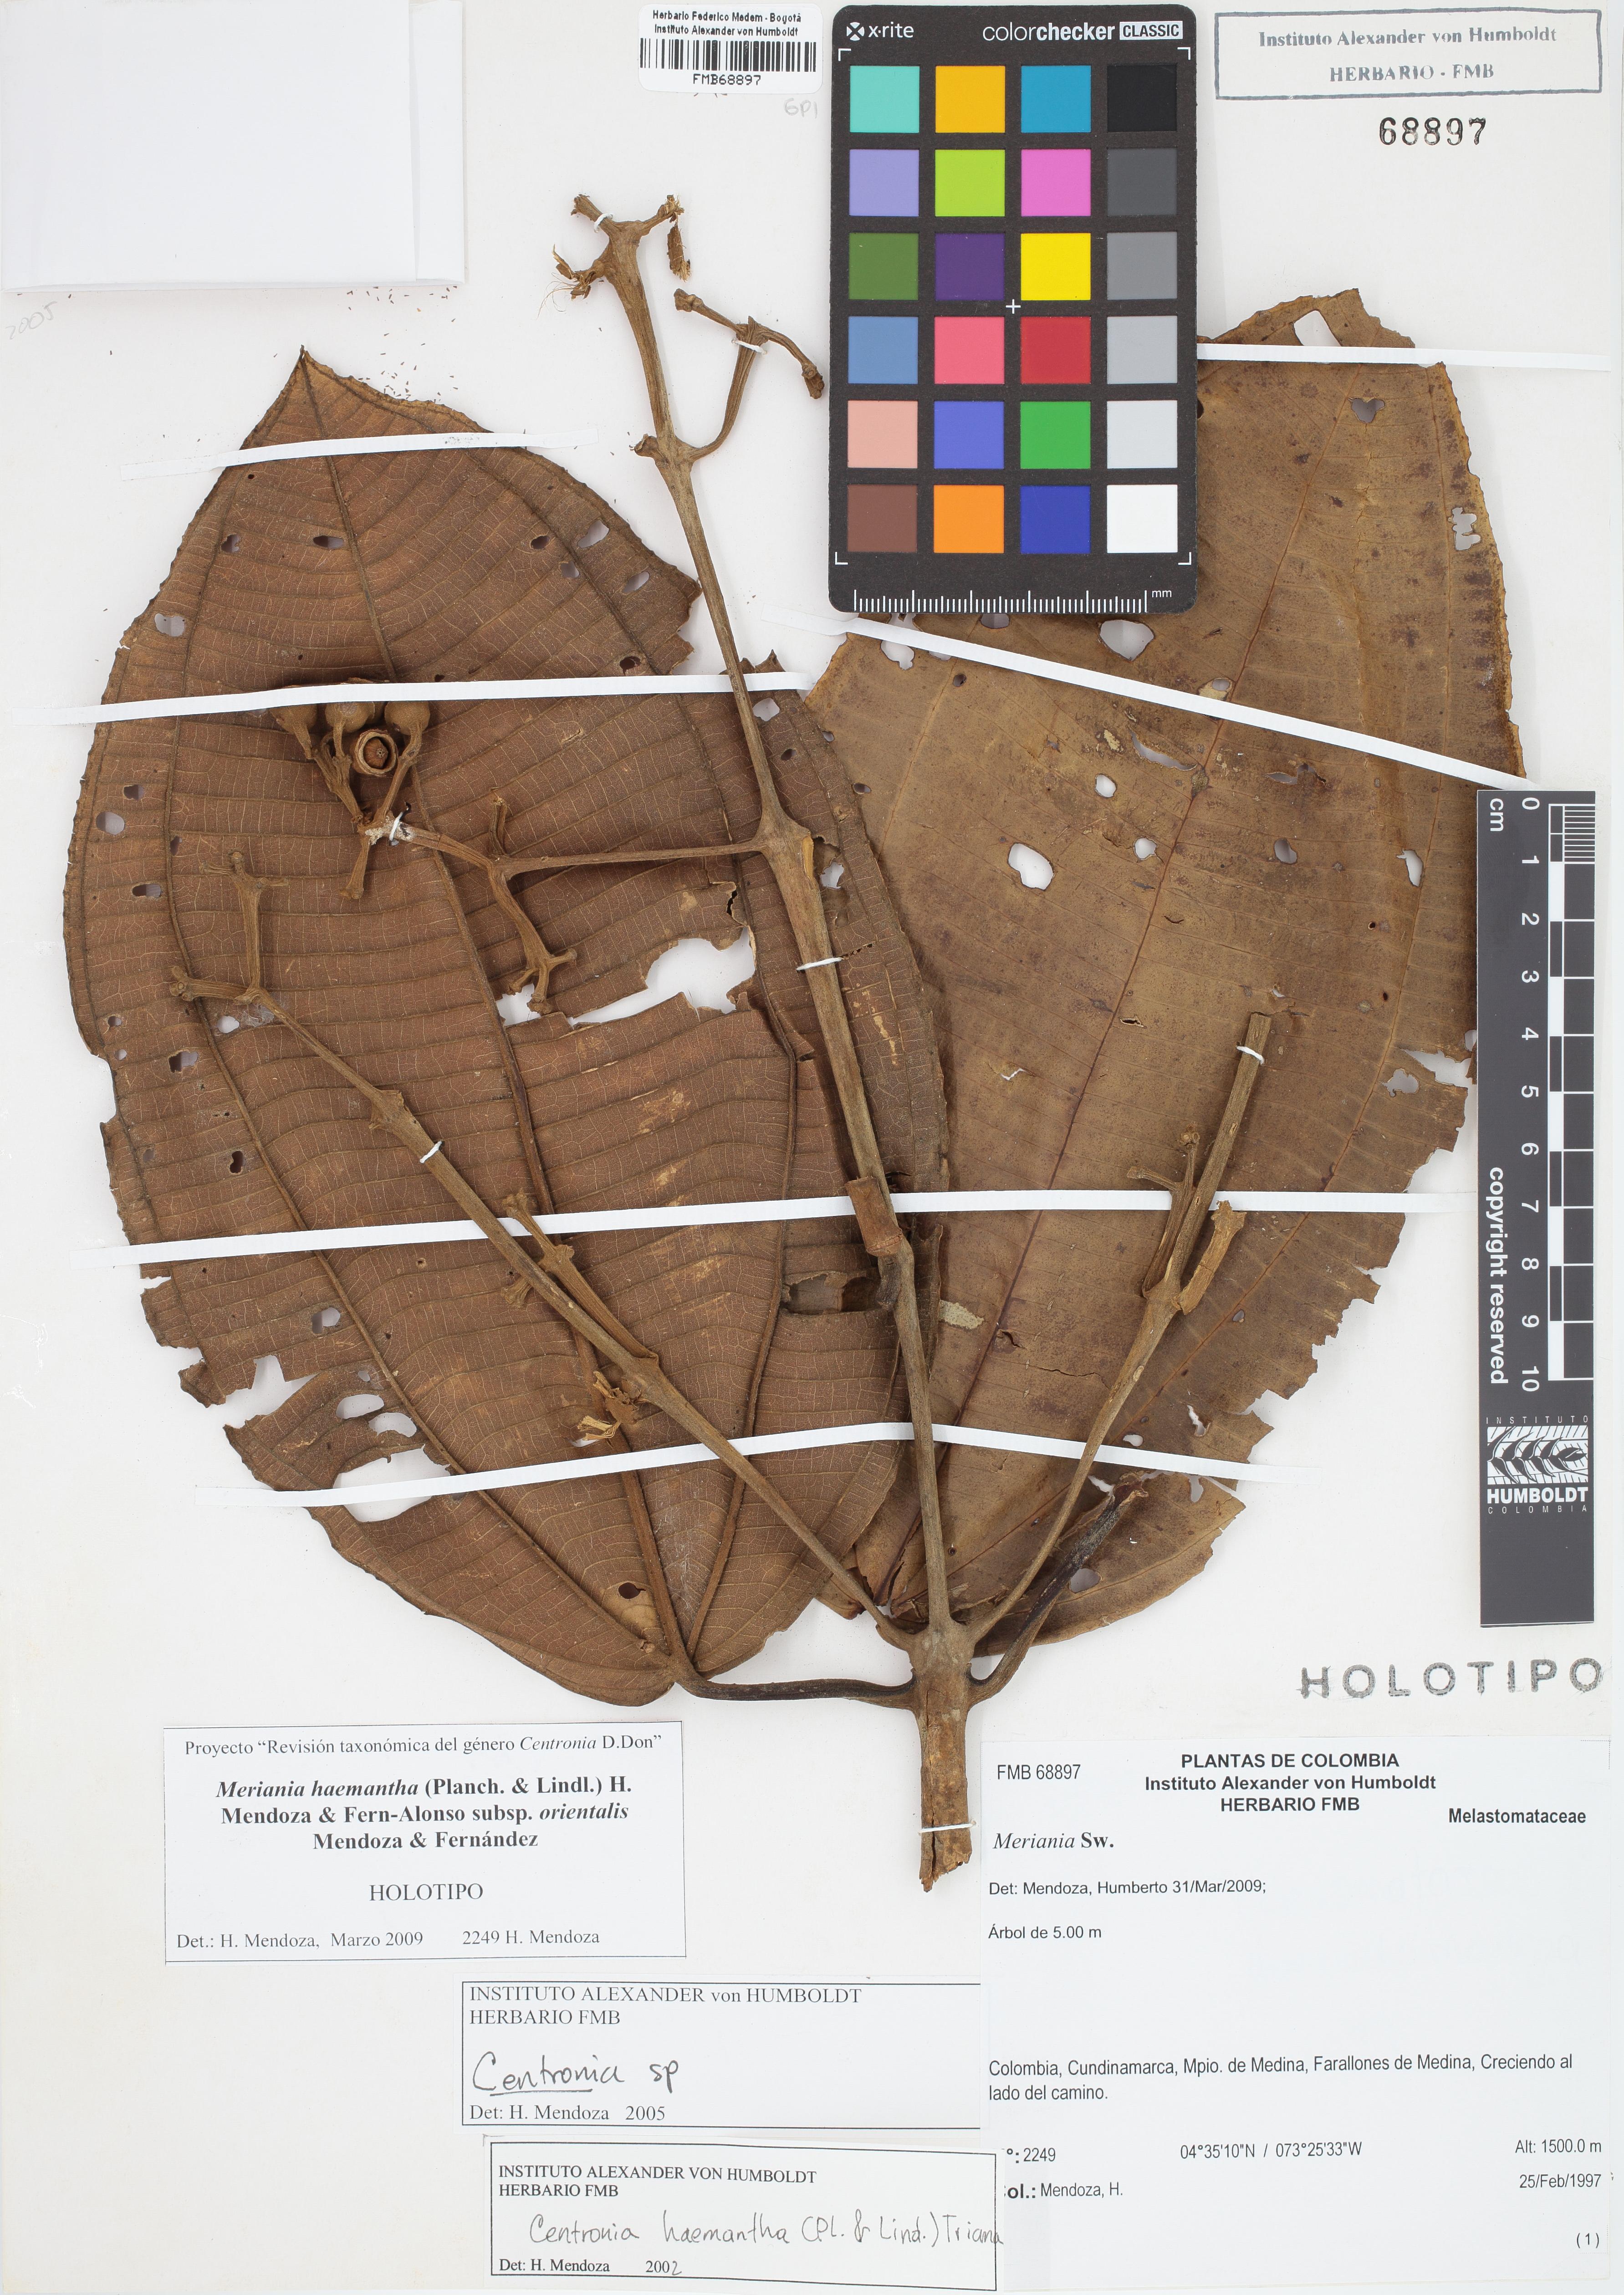 Holotipo de <em>Meriania haemantha</em> subsp. <em>orientalis</em>, FMB-68897, Fotografía por Robles A.